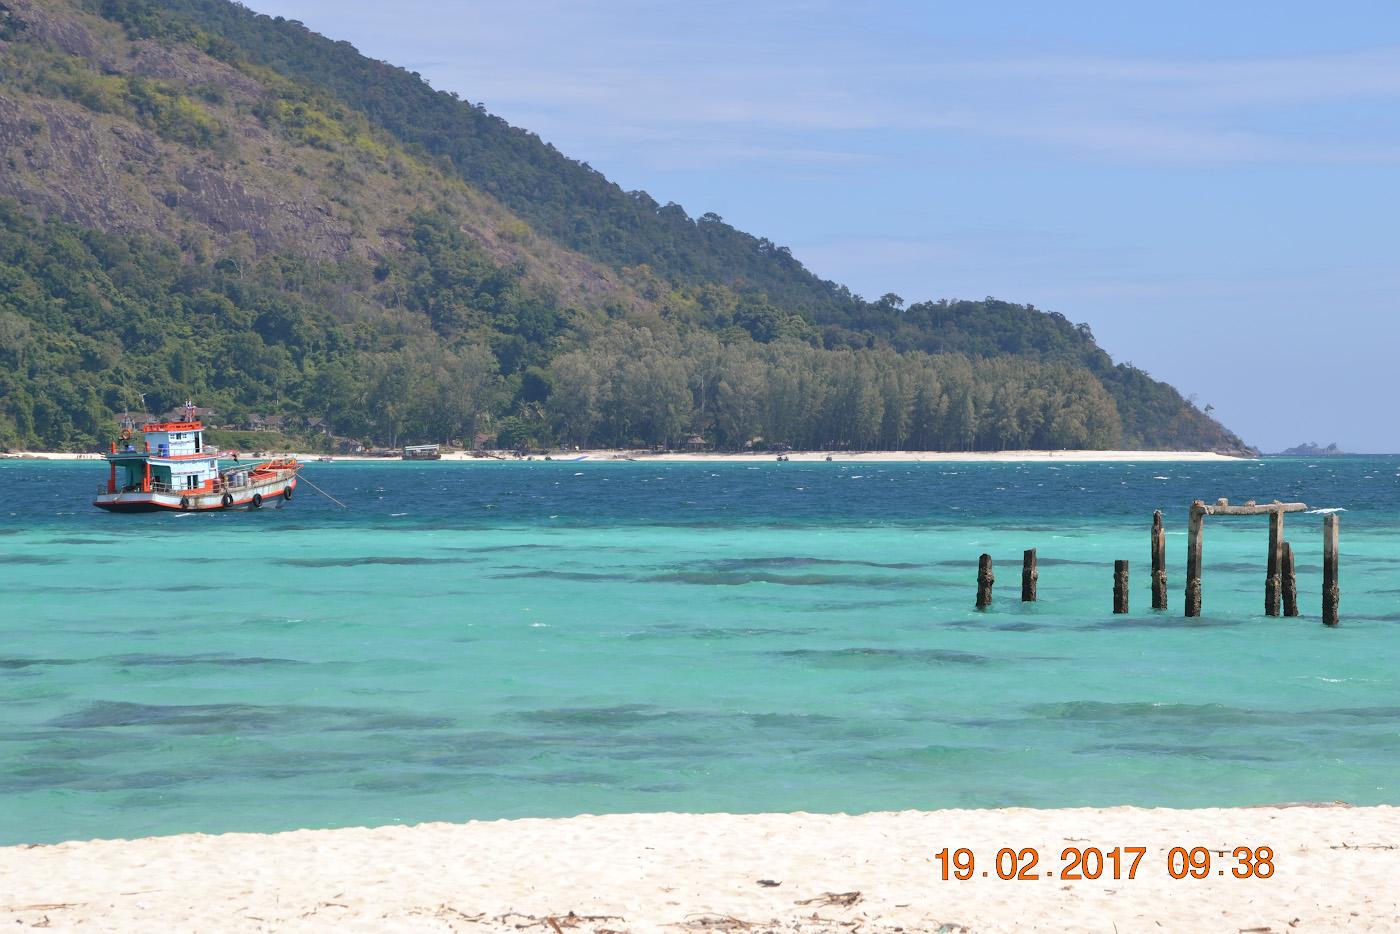 Фото 23. Виды, что ждут туристов во время экскурсии на остров Koh Rokroy. Стоит ли ехать отдыхать на Ко Липе и чем там заняться. 1/320, 8.0, 100, 85.